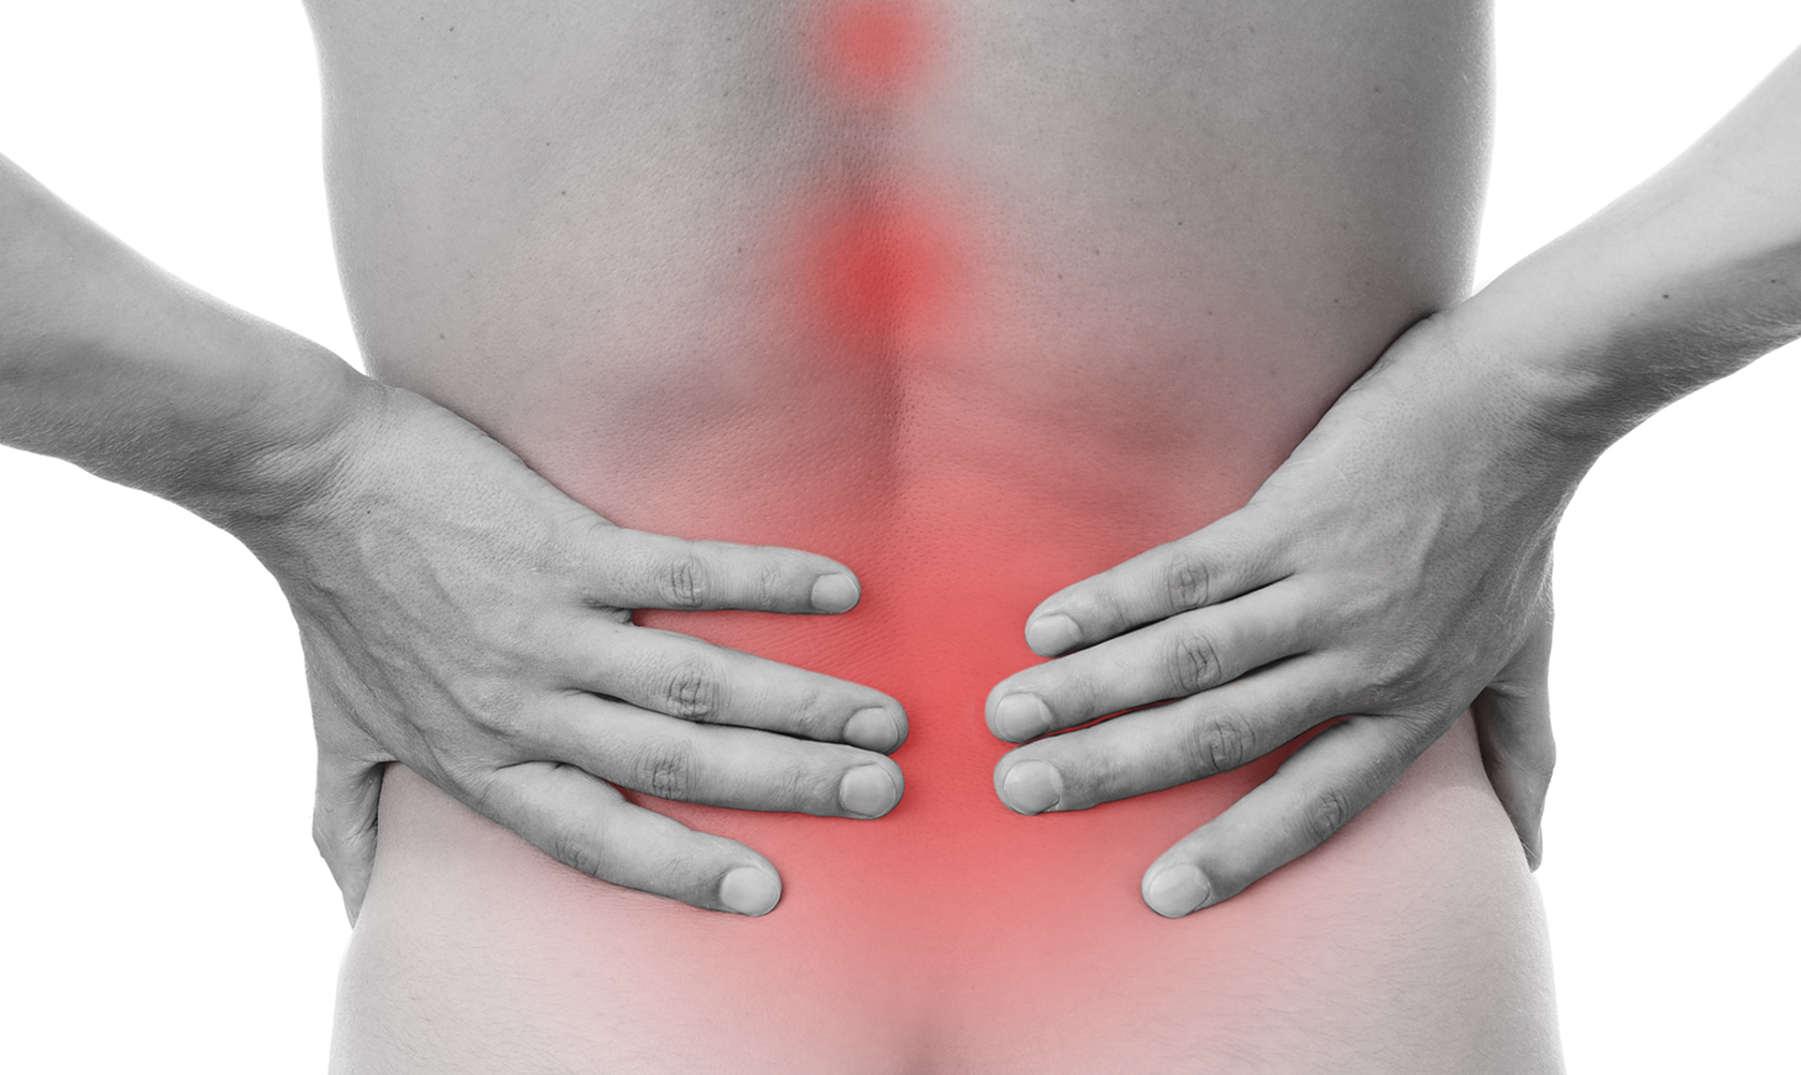 Los dolores a sheyno la osteocondrosis de pecho